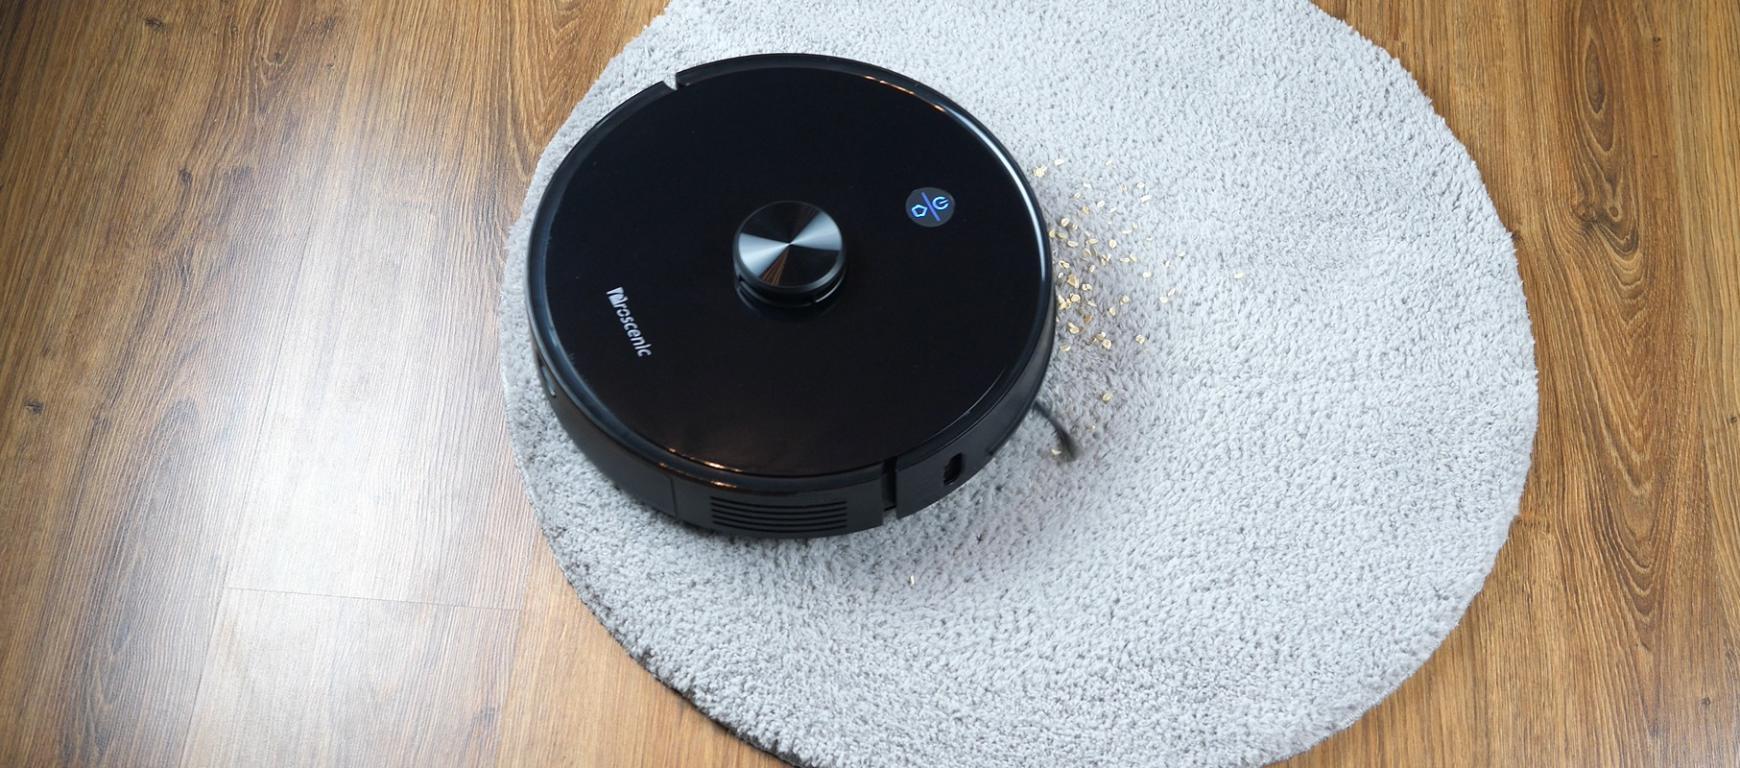 Proscenic M7 PRO - robot sprzątający ze stacją do automatycznego opróżniania pojemnika na kurz - odkurzanie na dywanie